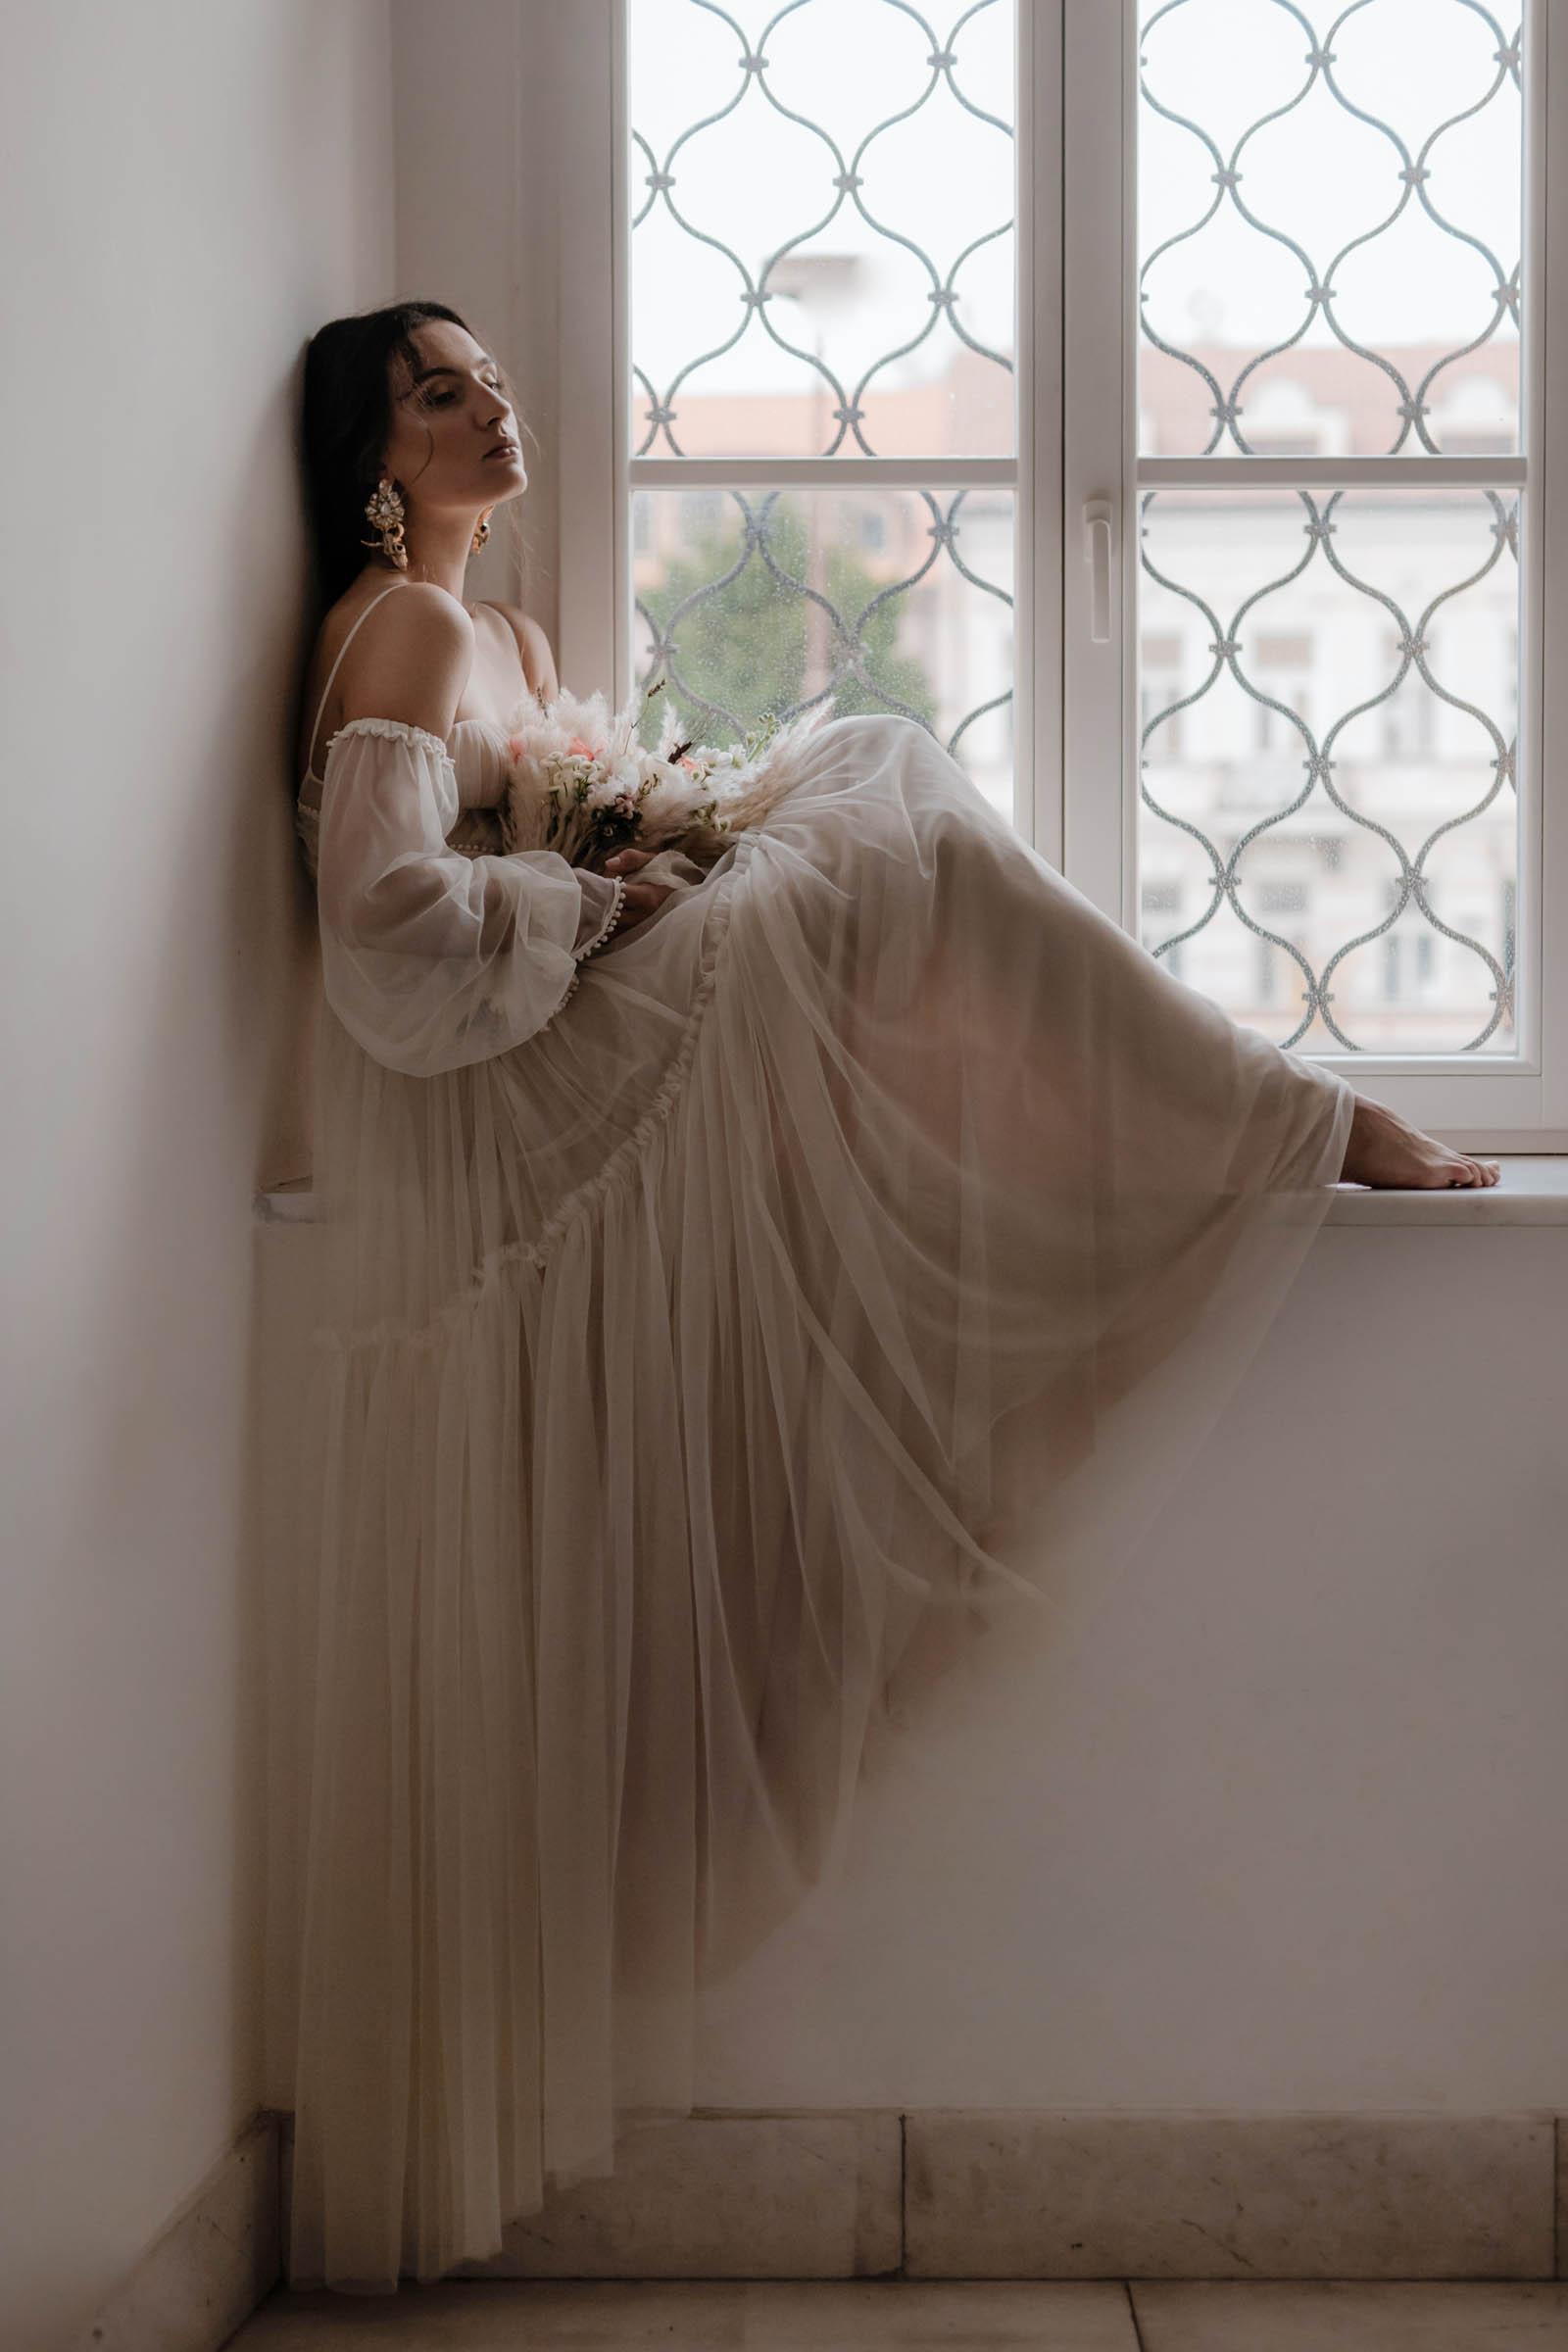 boho-svadobne-saty-veronika-kostkova-wedding-atelier-2019-isa